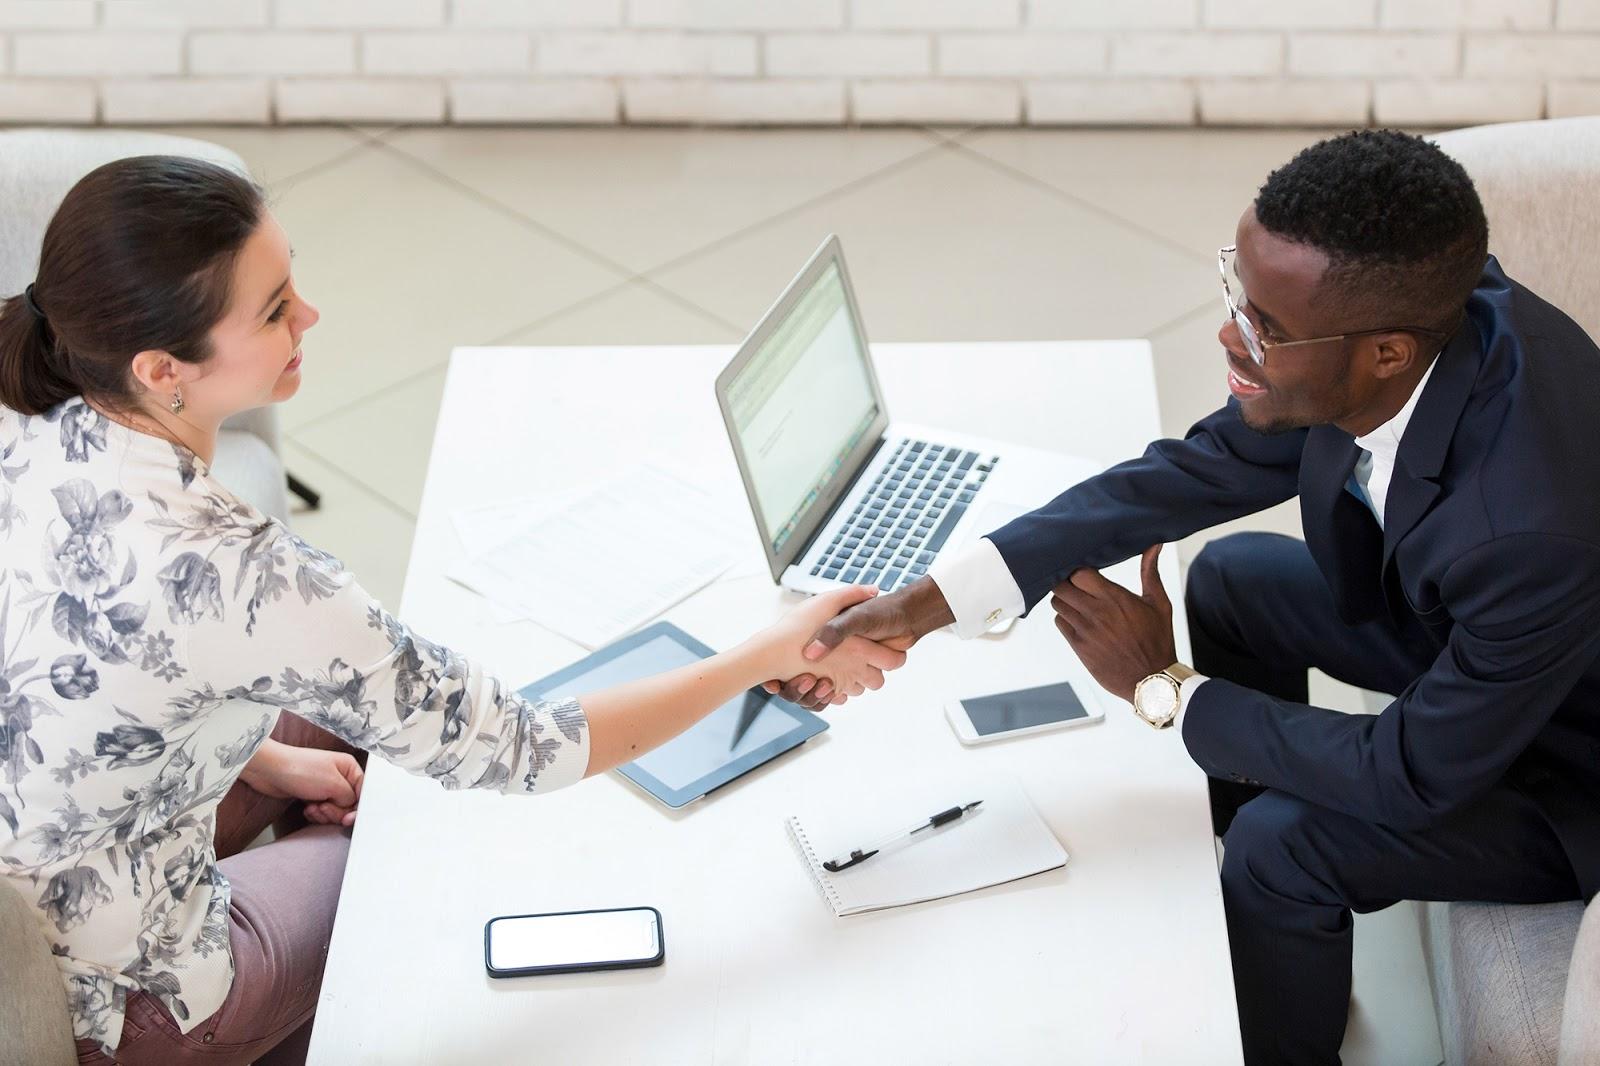 Internship offer letter: People shaking hands